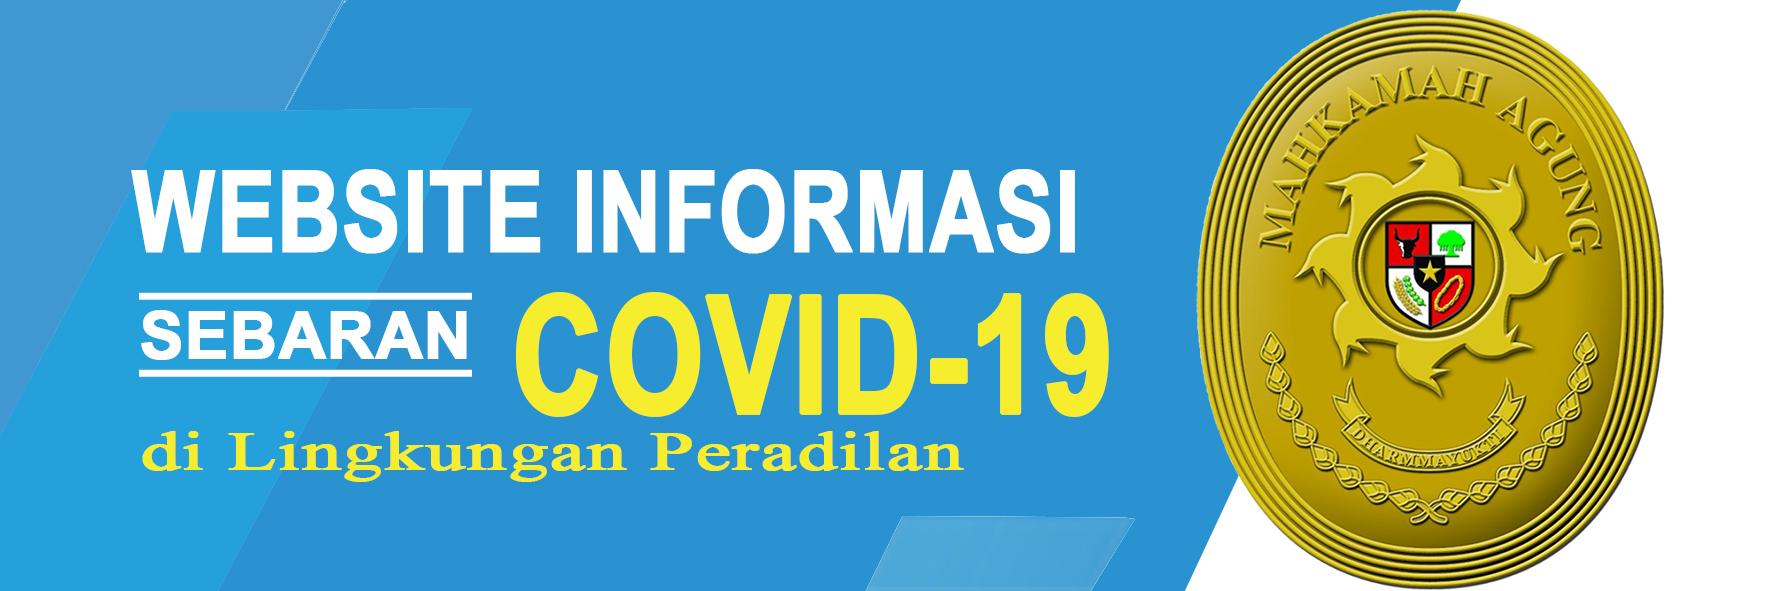 Kasus Covid-19 di Lingkungan Peradilan Indonesia